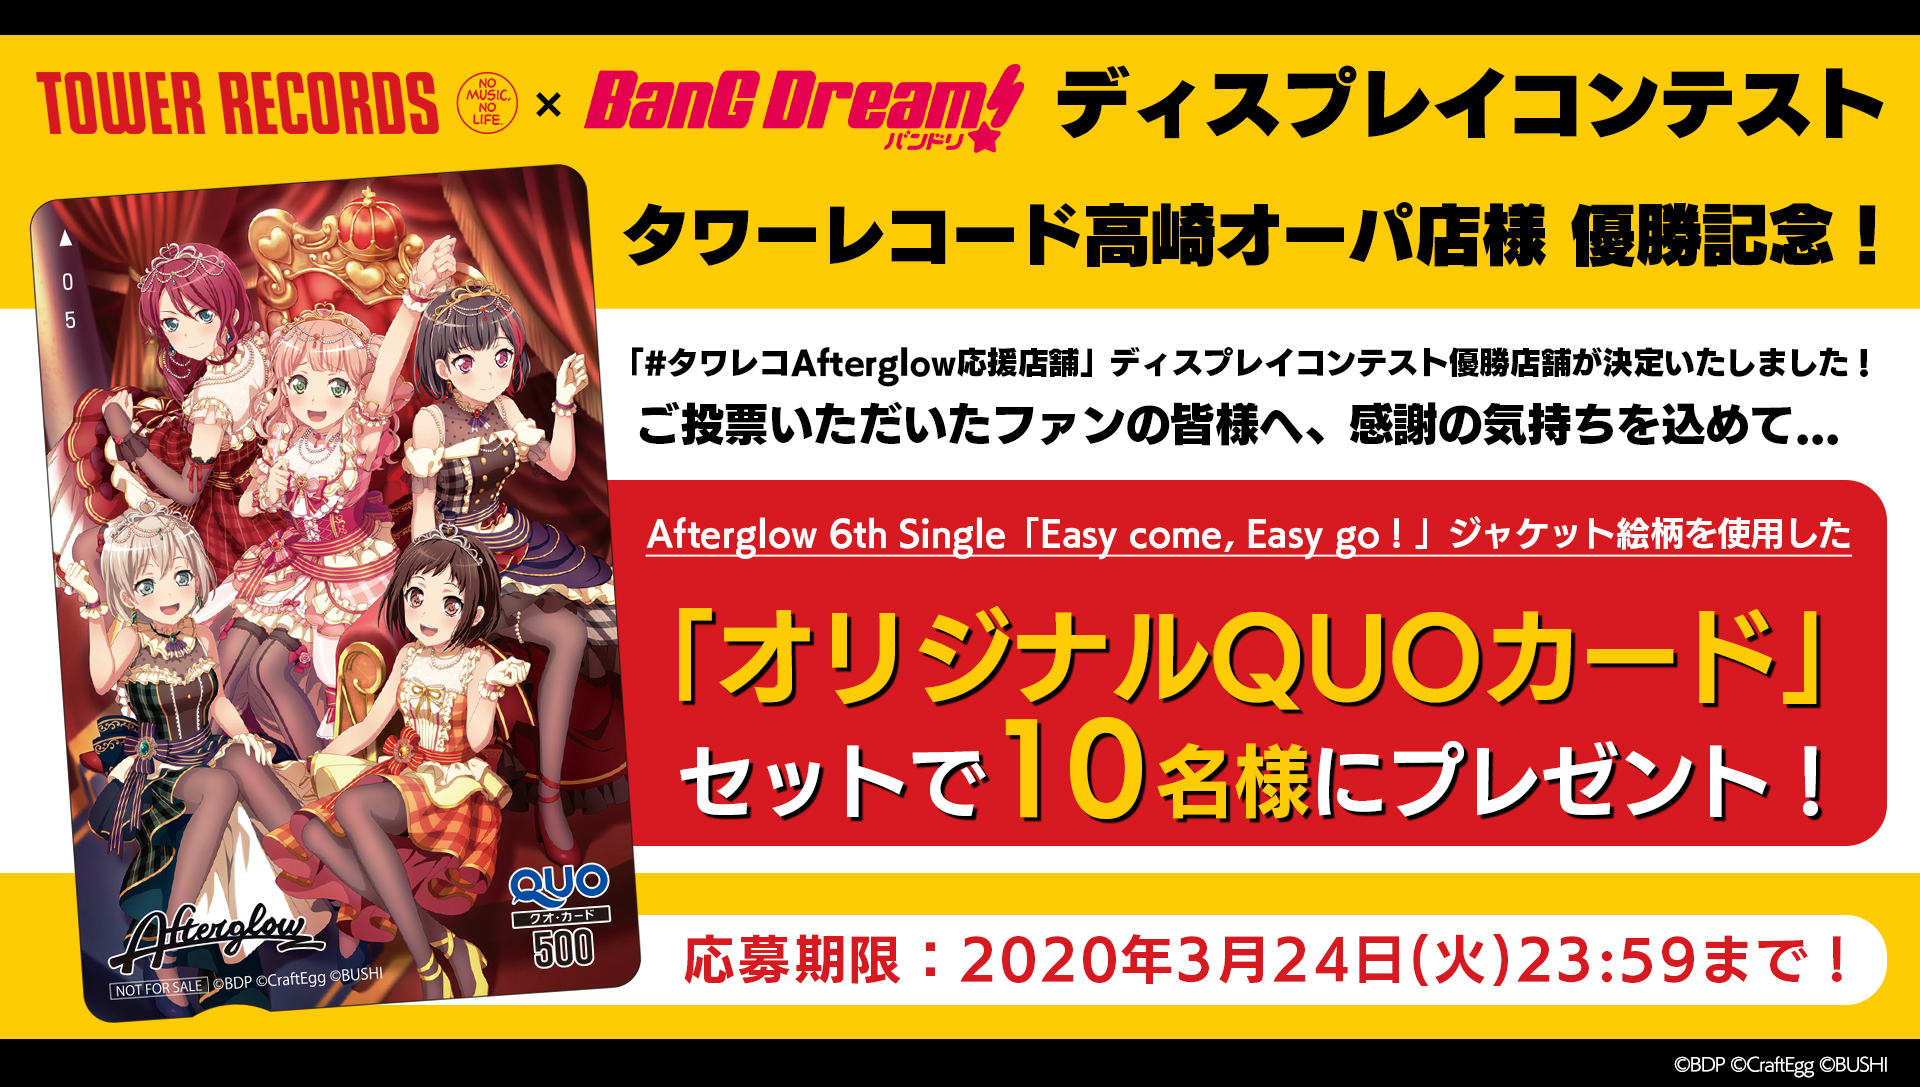 タワーレコード×BanG Dream!Afterglowディスプレイコンテスト 店様 優勝記念! Wフォロー&RTキャンペーン開催!